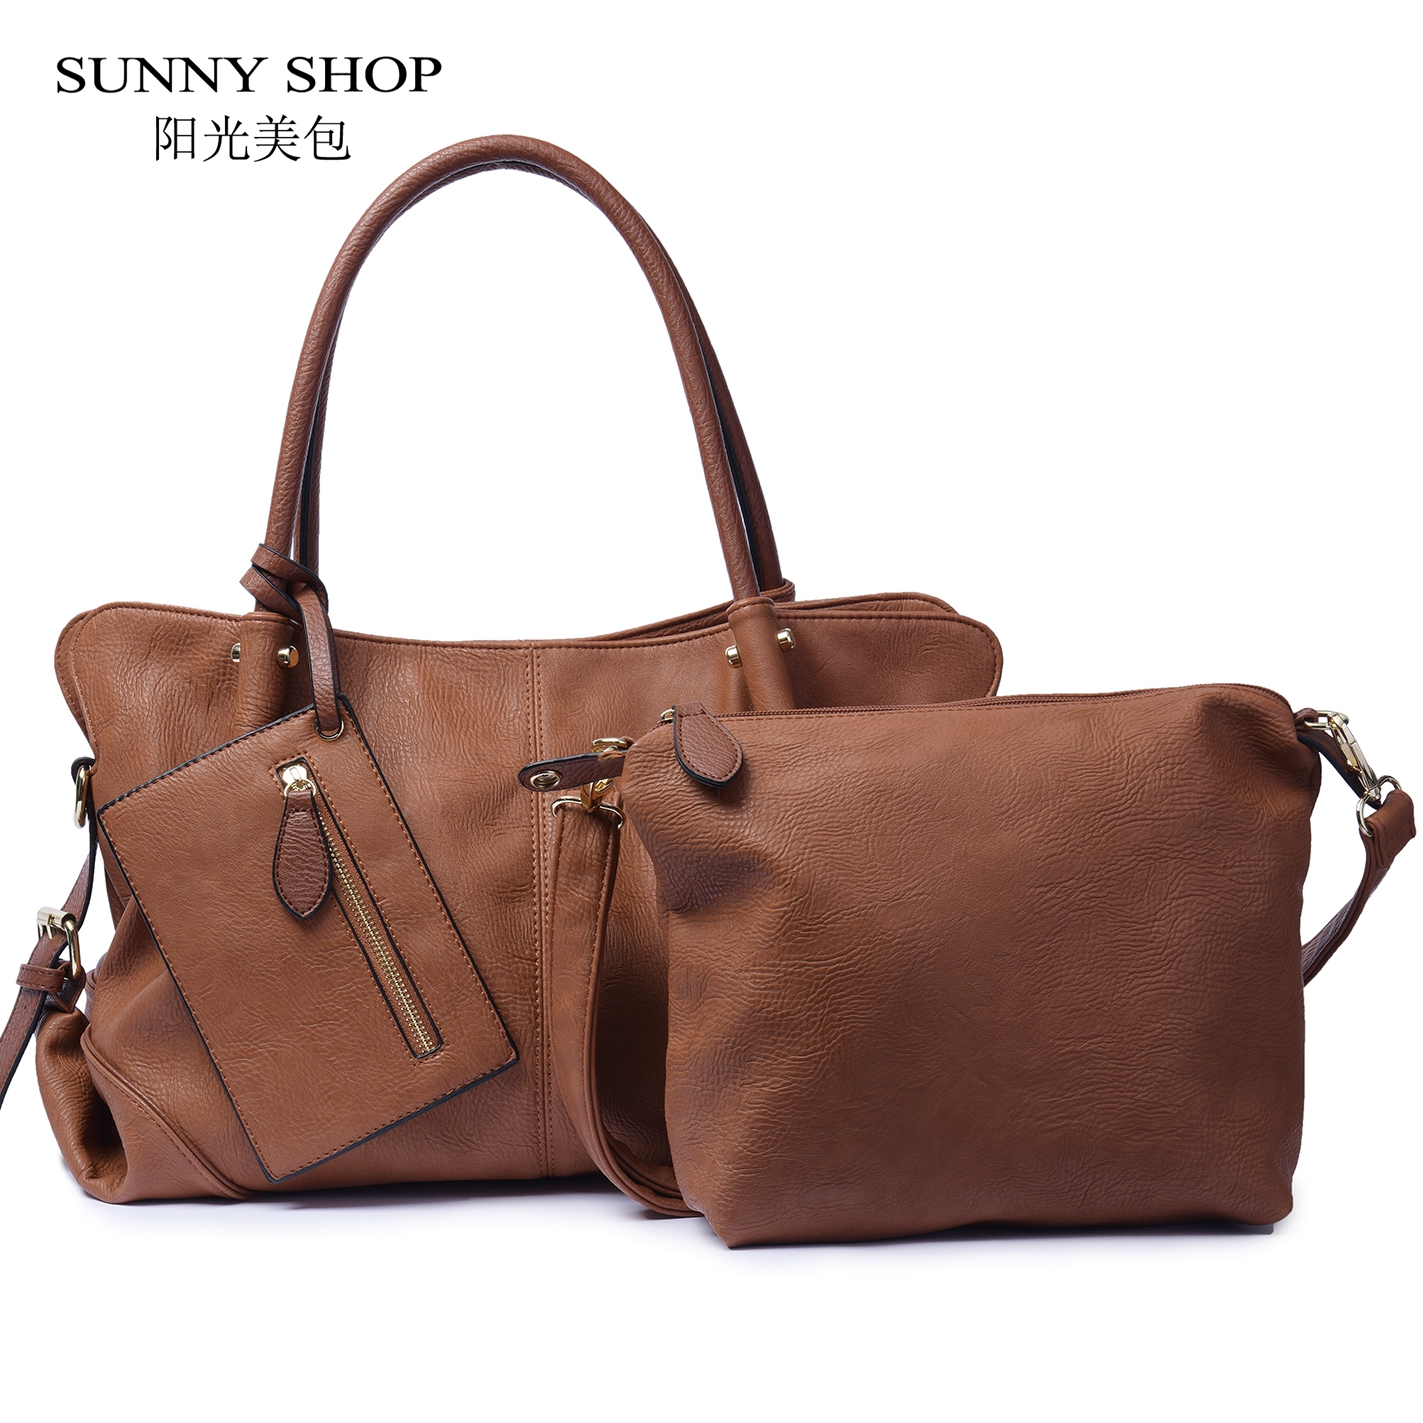 Vintage sac ensemble pour femmes 2018 grande capacité de luxe Designer en cuir sacs à main et sac à main américain dames sacs à main 11 couleurs